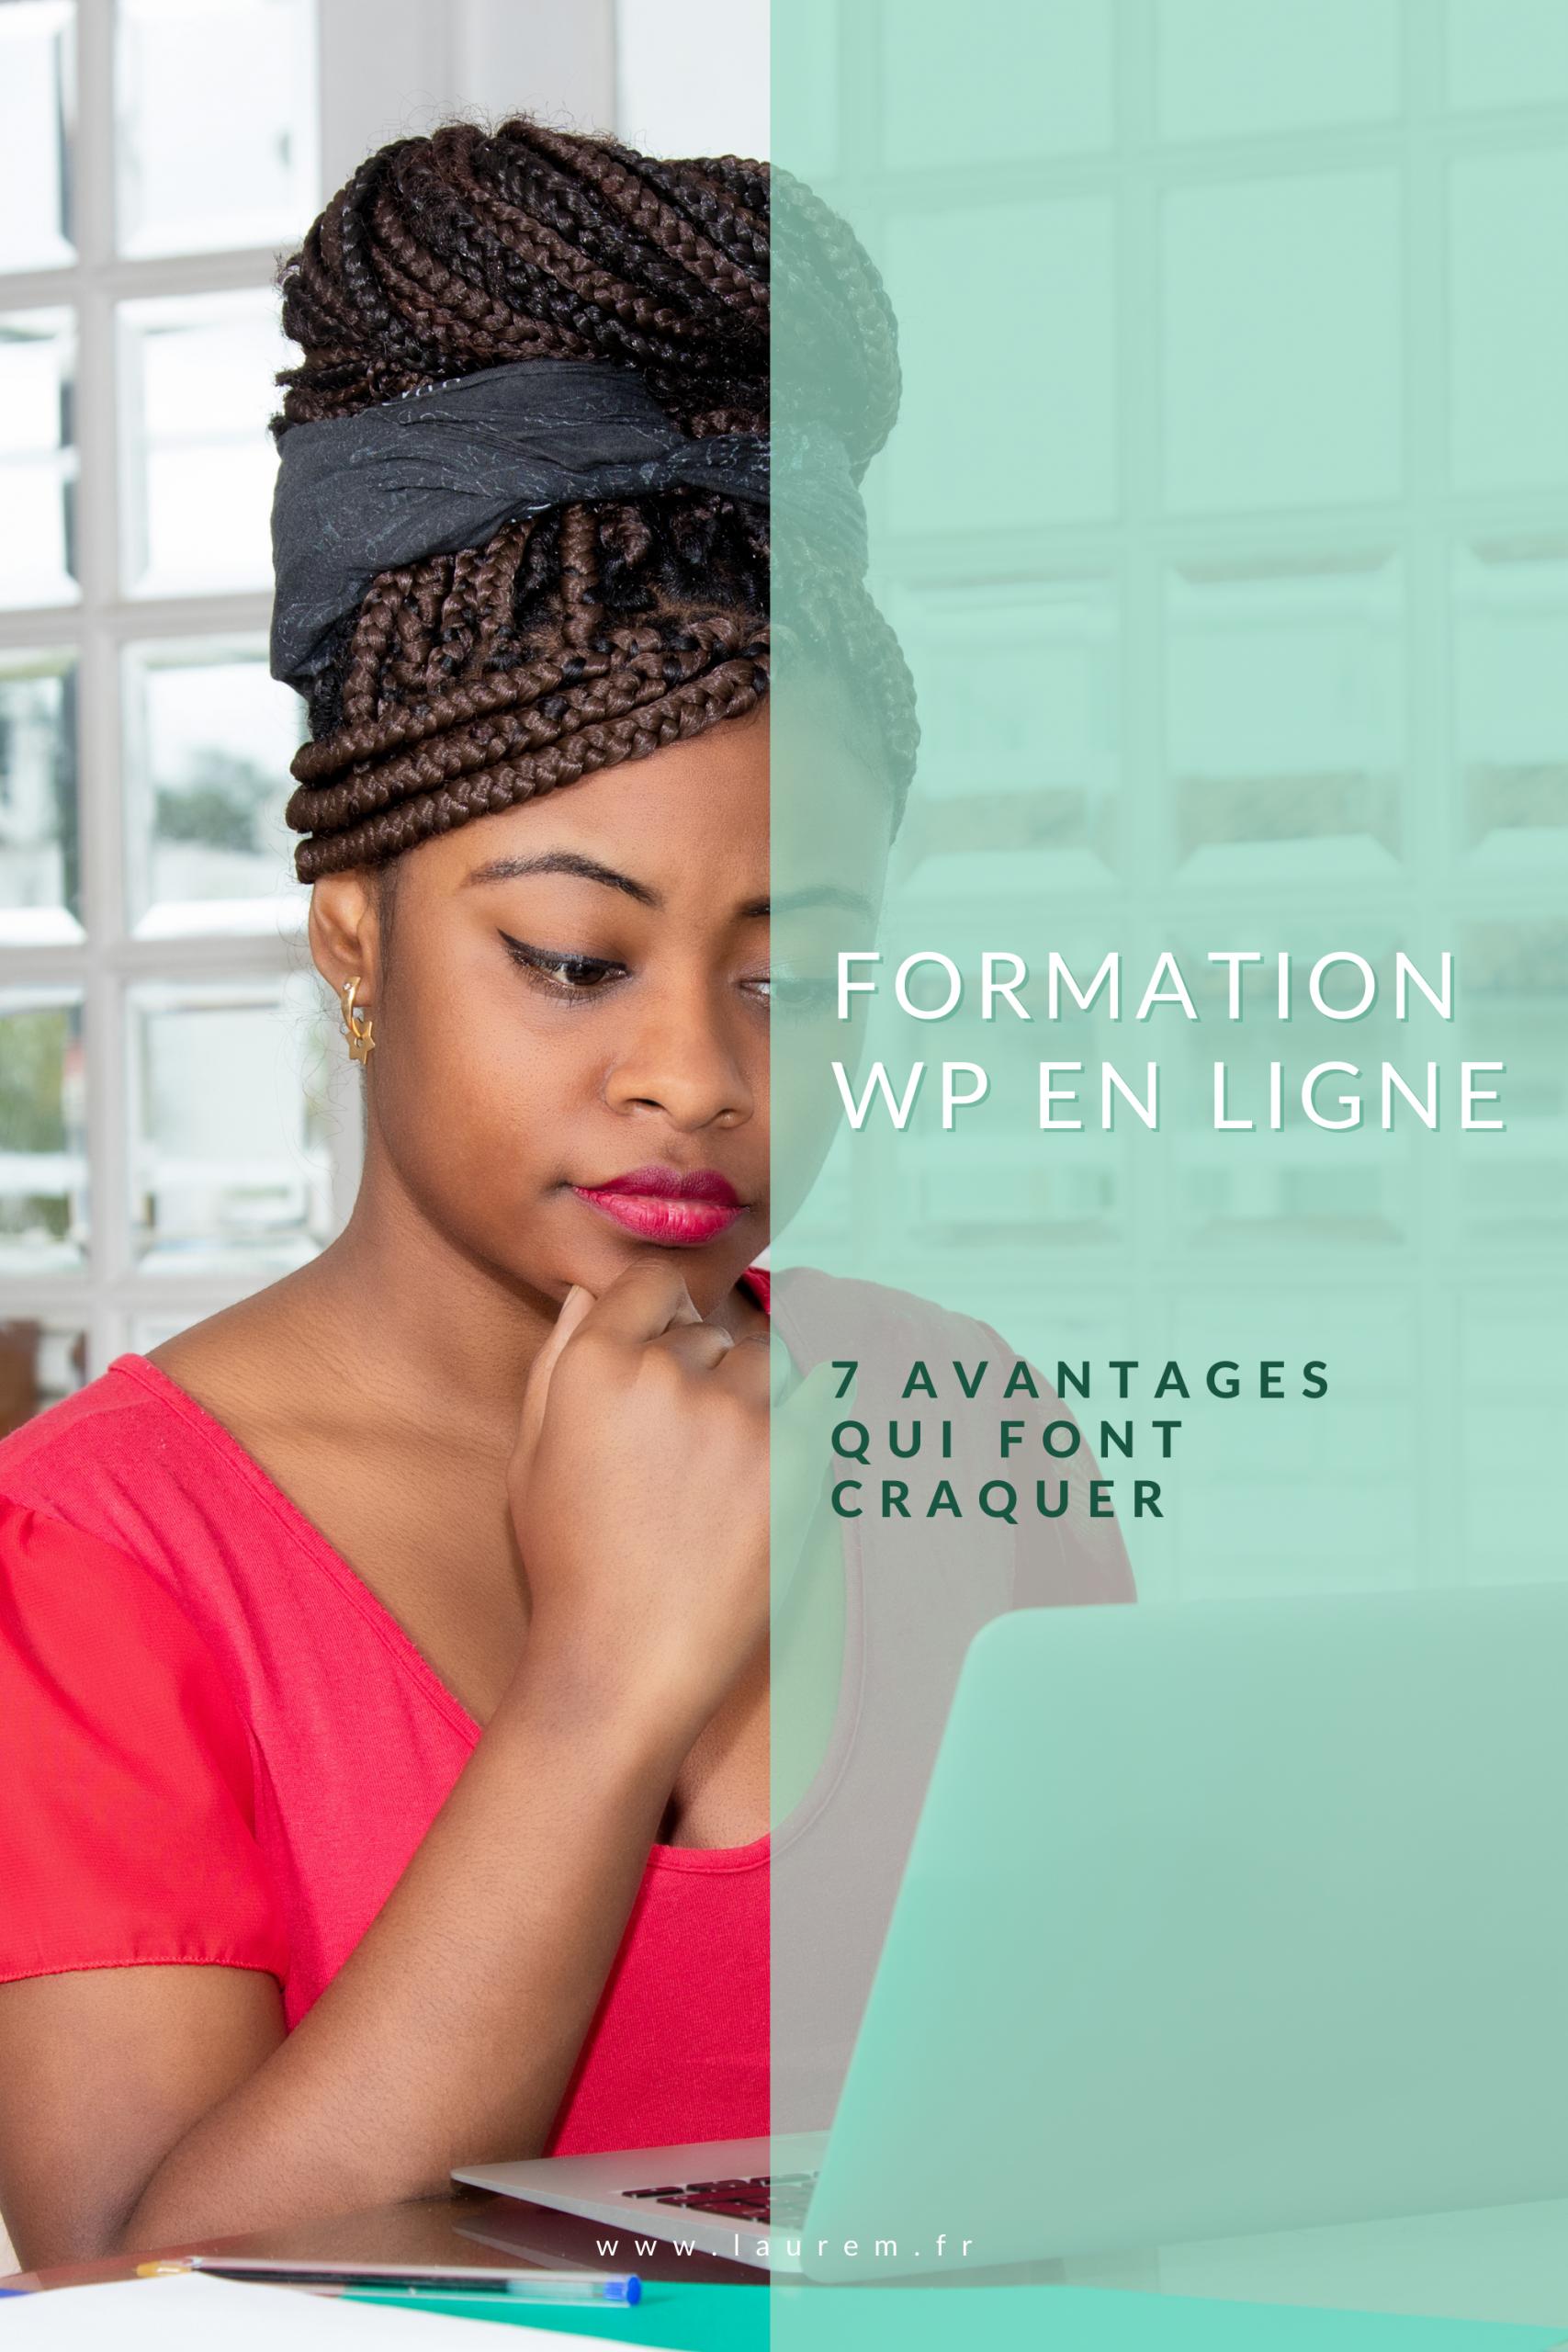 Envie de suivre une formation WordPress ? La formation WordPress en ligne présente de nombreux avantages où tu n'es pas toujours seule derrière ton écran.